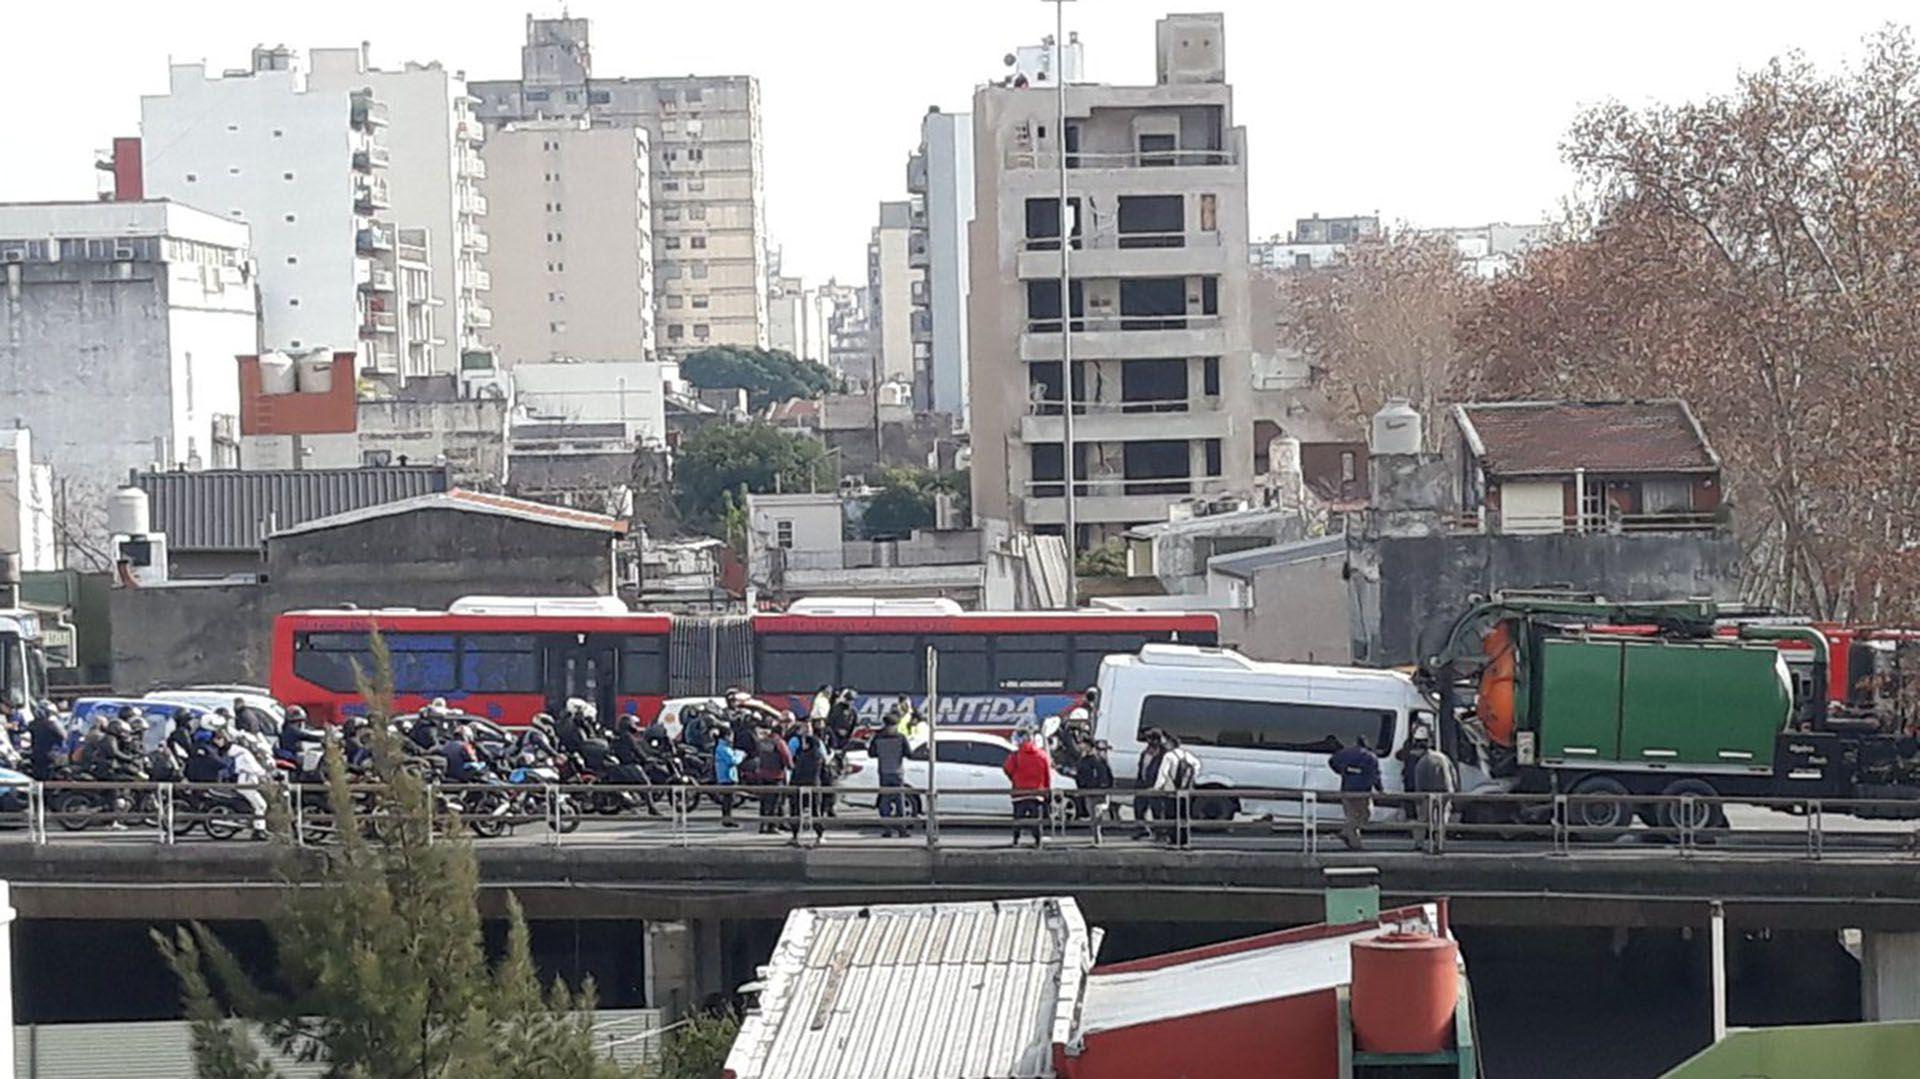 El Same, la Policía de la Ciudad y bomberos colaboraron para asistir a los heridos (@oteguiadrian)